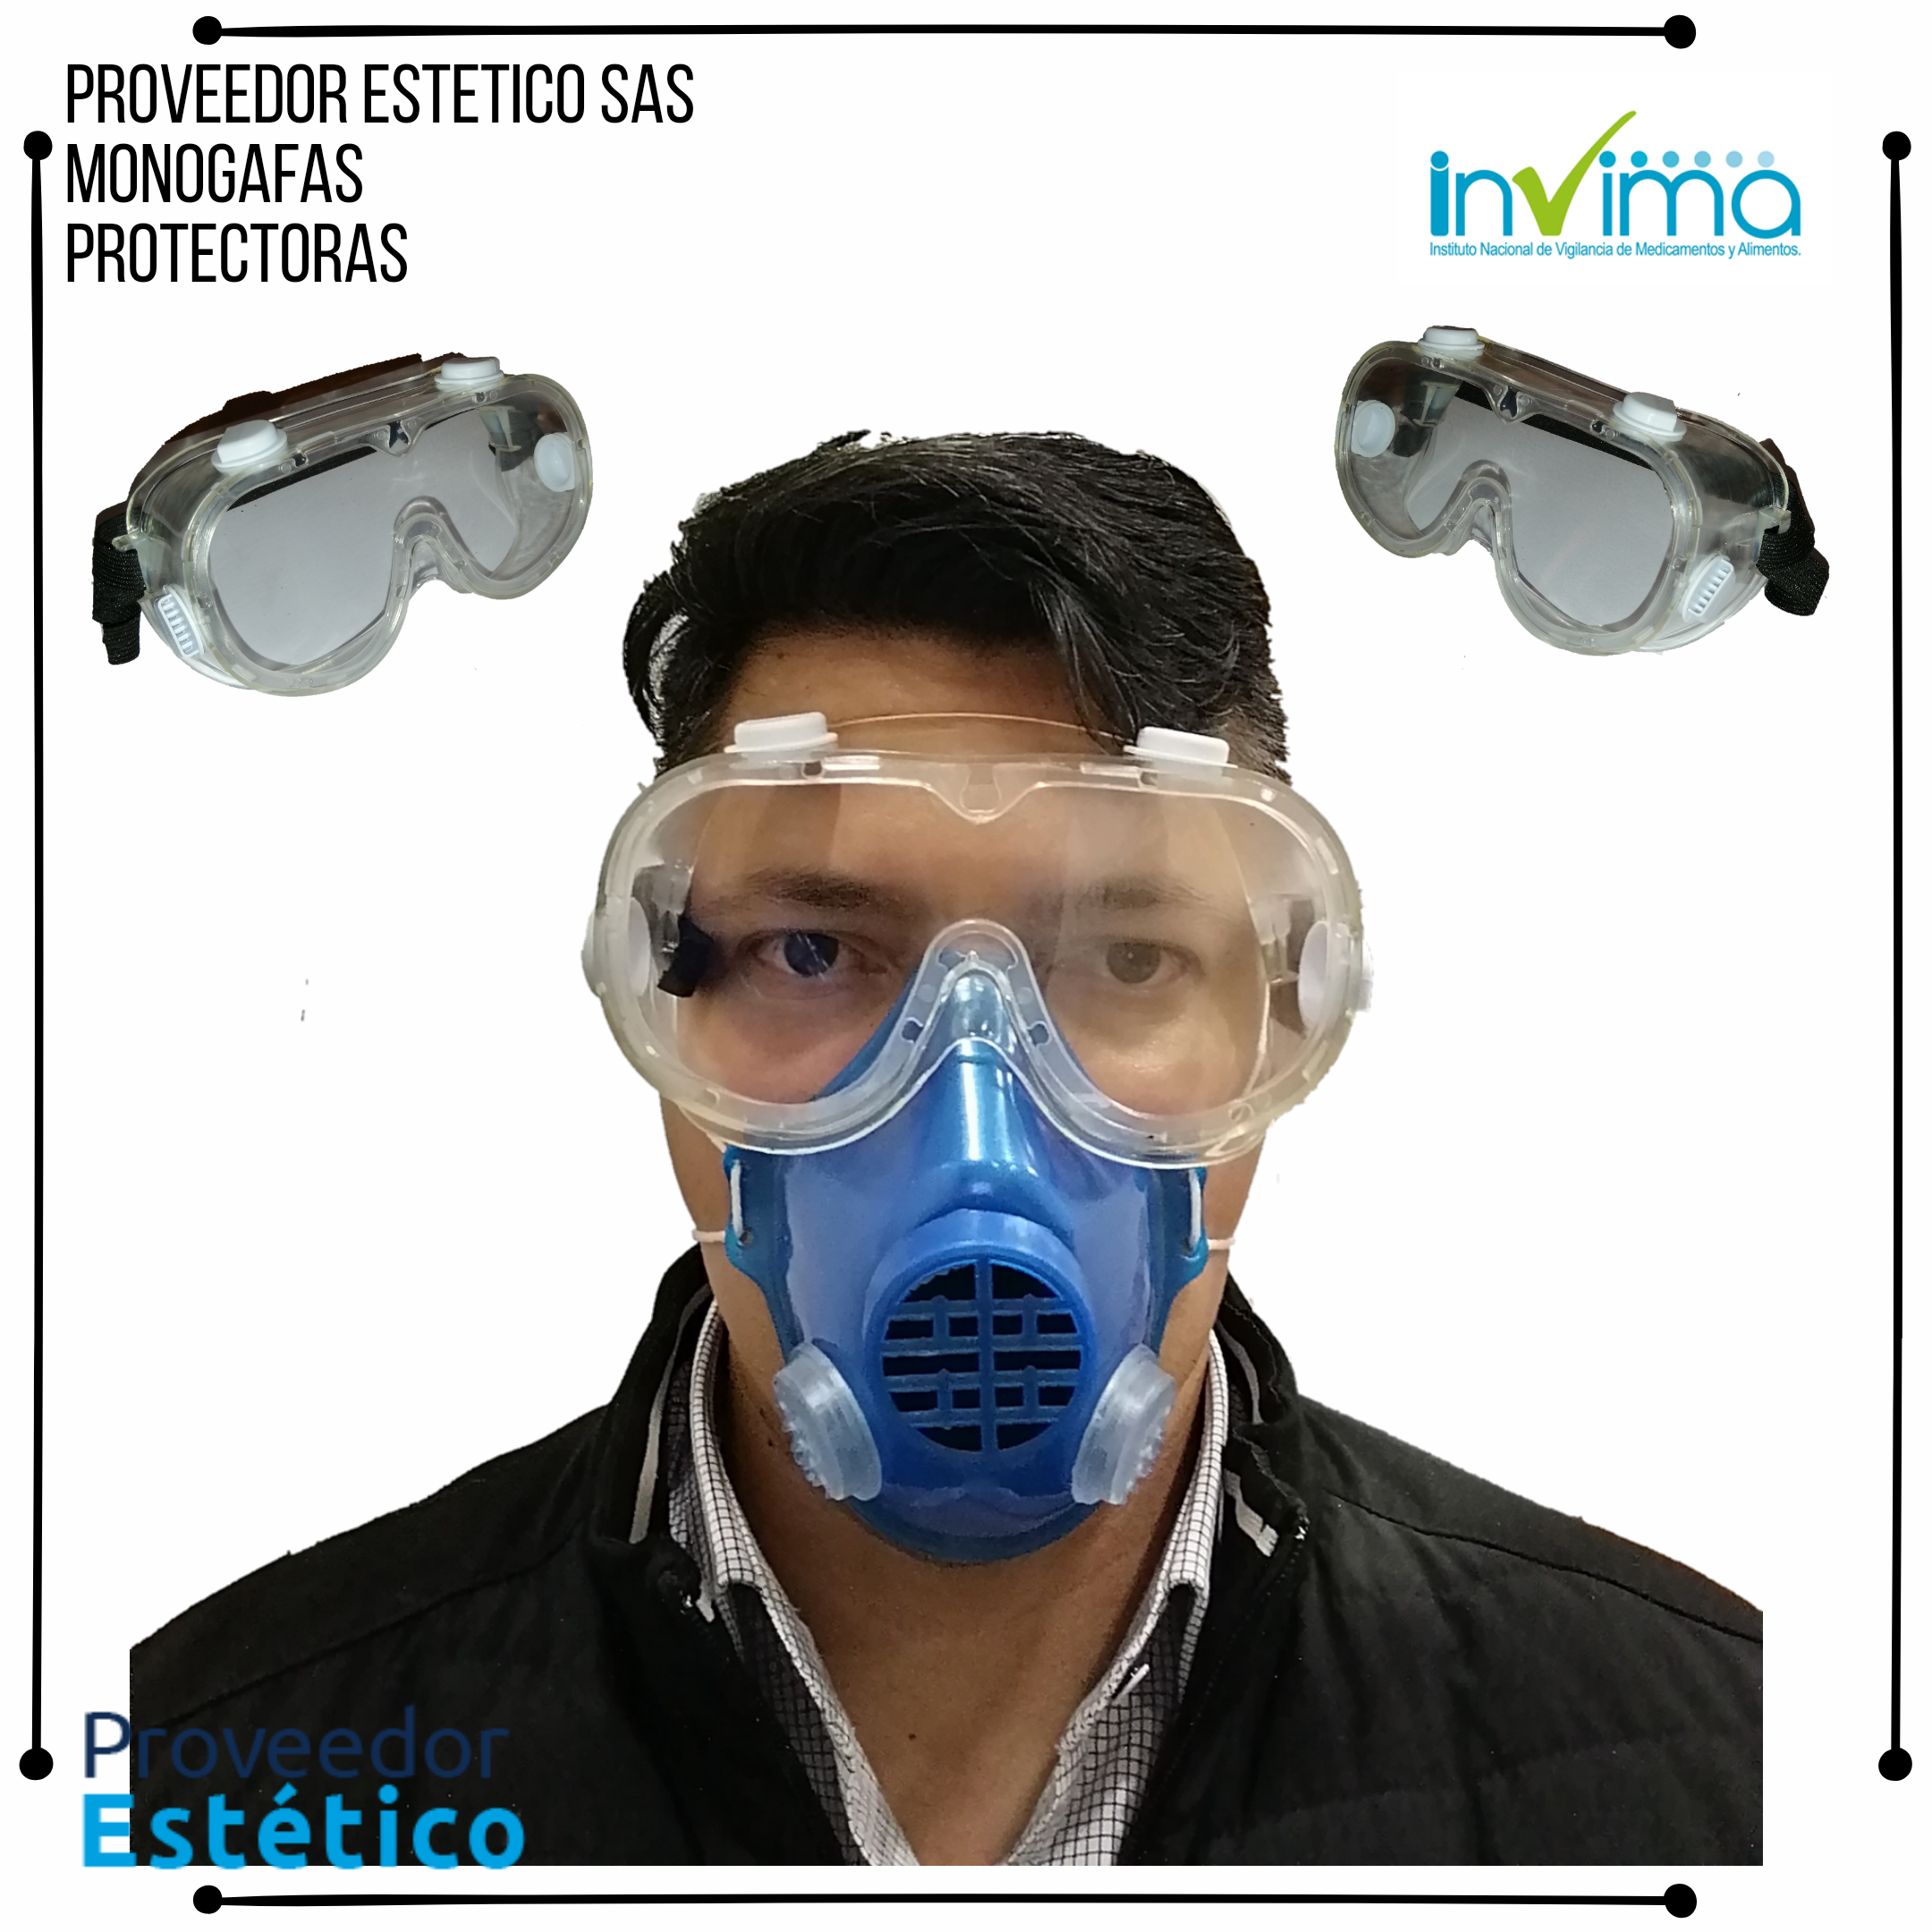 https://0201.nccdn.net/1_2/000/000/0a0/69a/monogafas-de-bioseguridad-pec_1.png